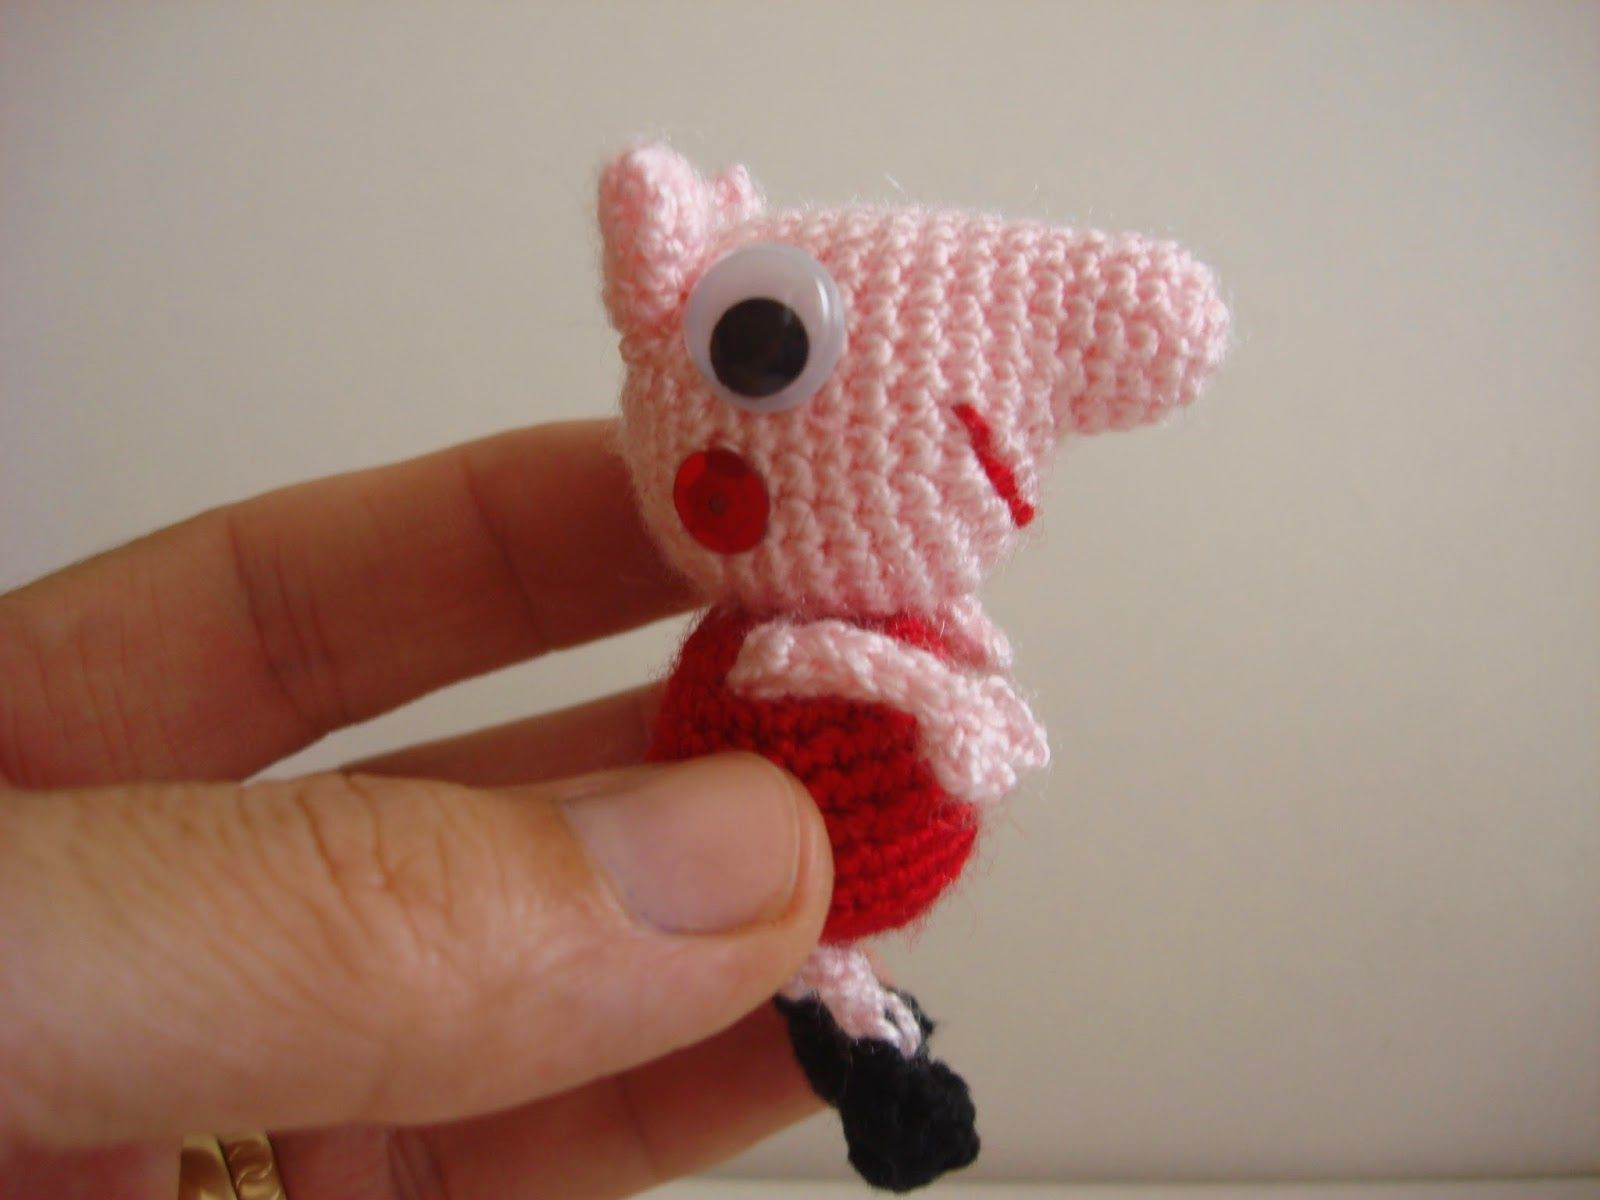 Amigurumi Pig : Canal crochet mini peppa pig amigurumi patrÖn libre personajes